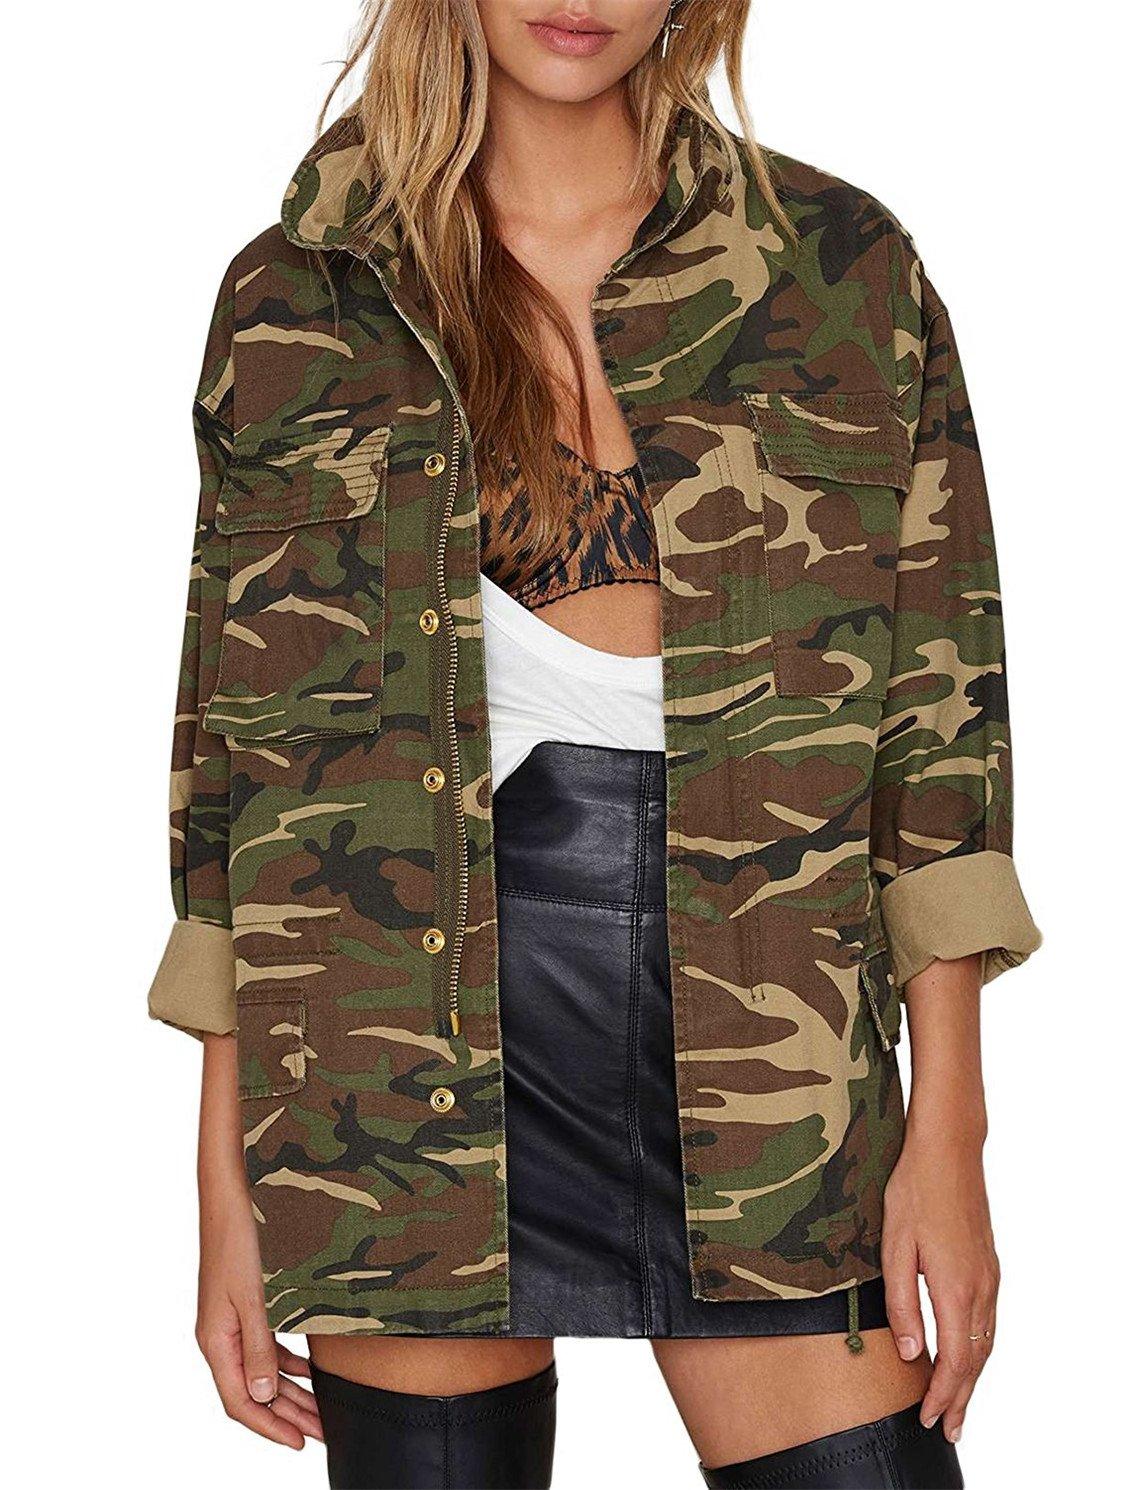 HAOYIHUI Women's Camouflage Lightweight Long Sleeve Outwear Jacket Coat(S,Army Green)